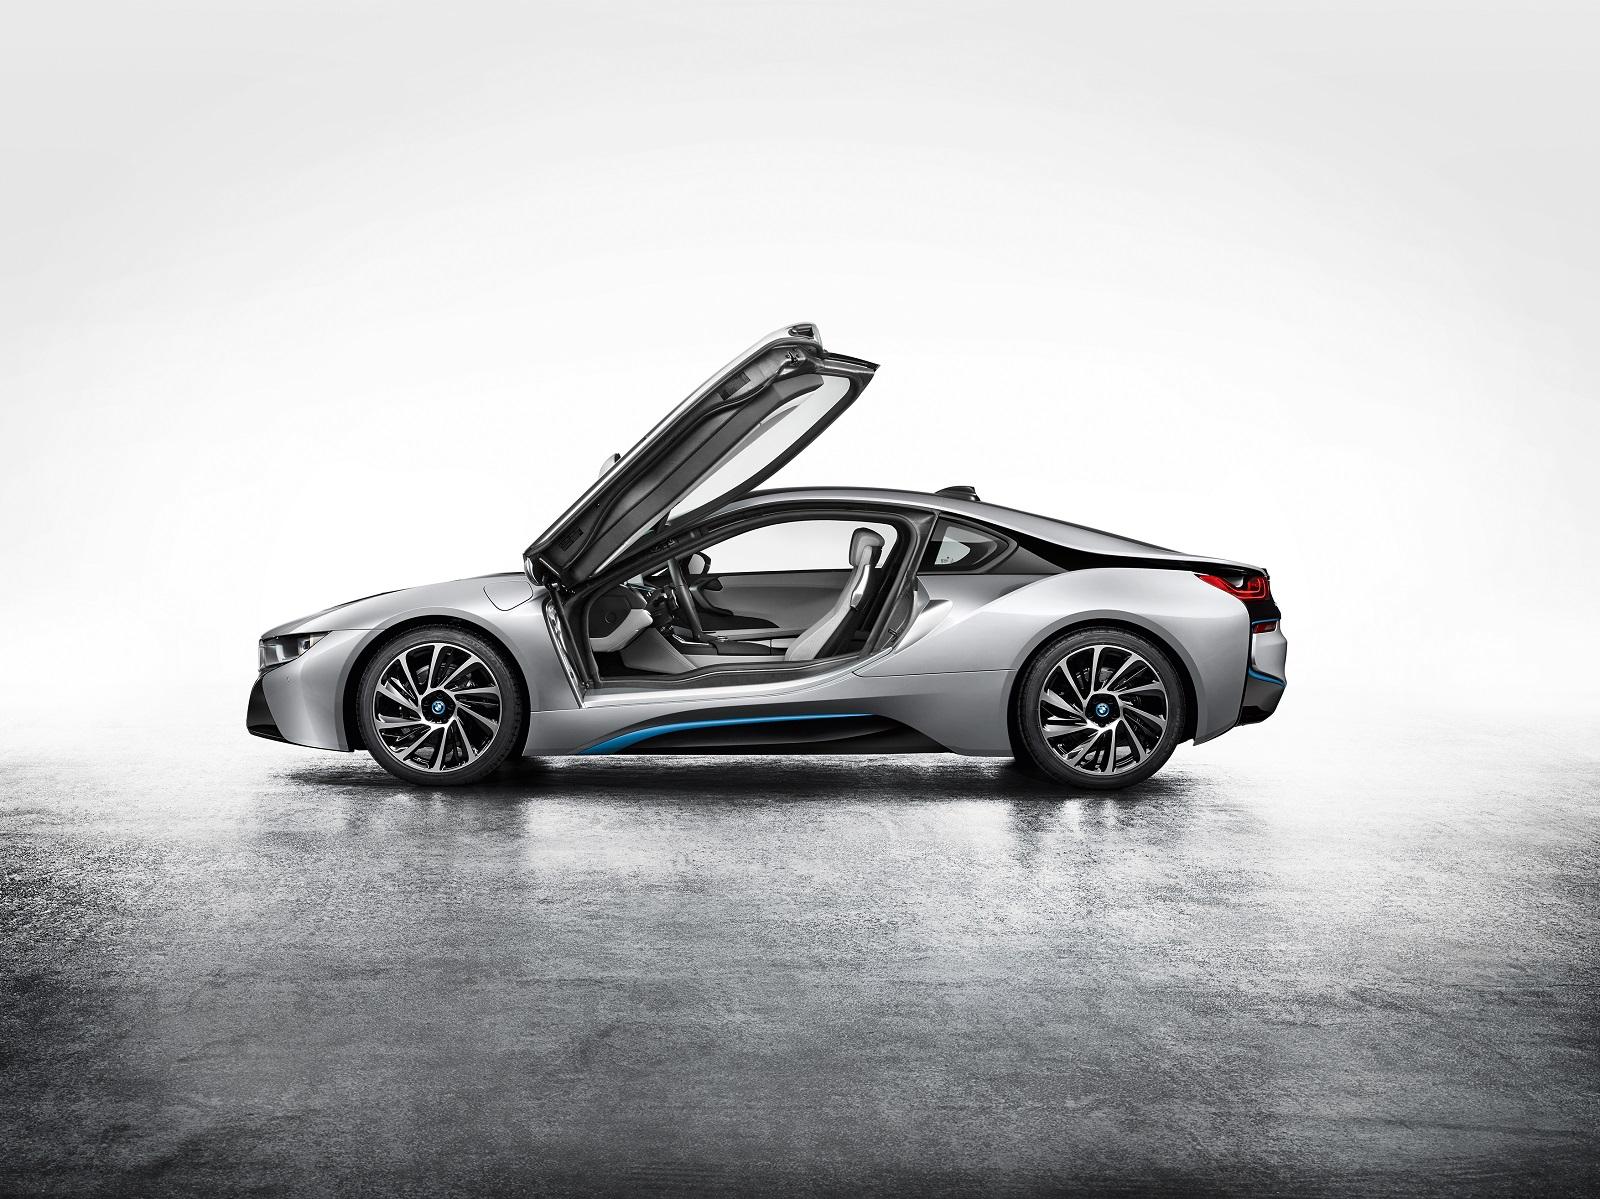 BMW 3 Series bmw i8 2014 price 2015 BMW i8 Revealed, Priced From $135,925